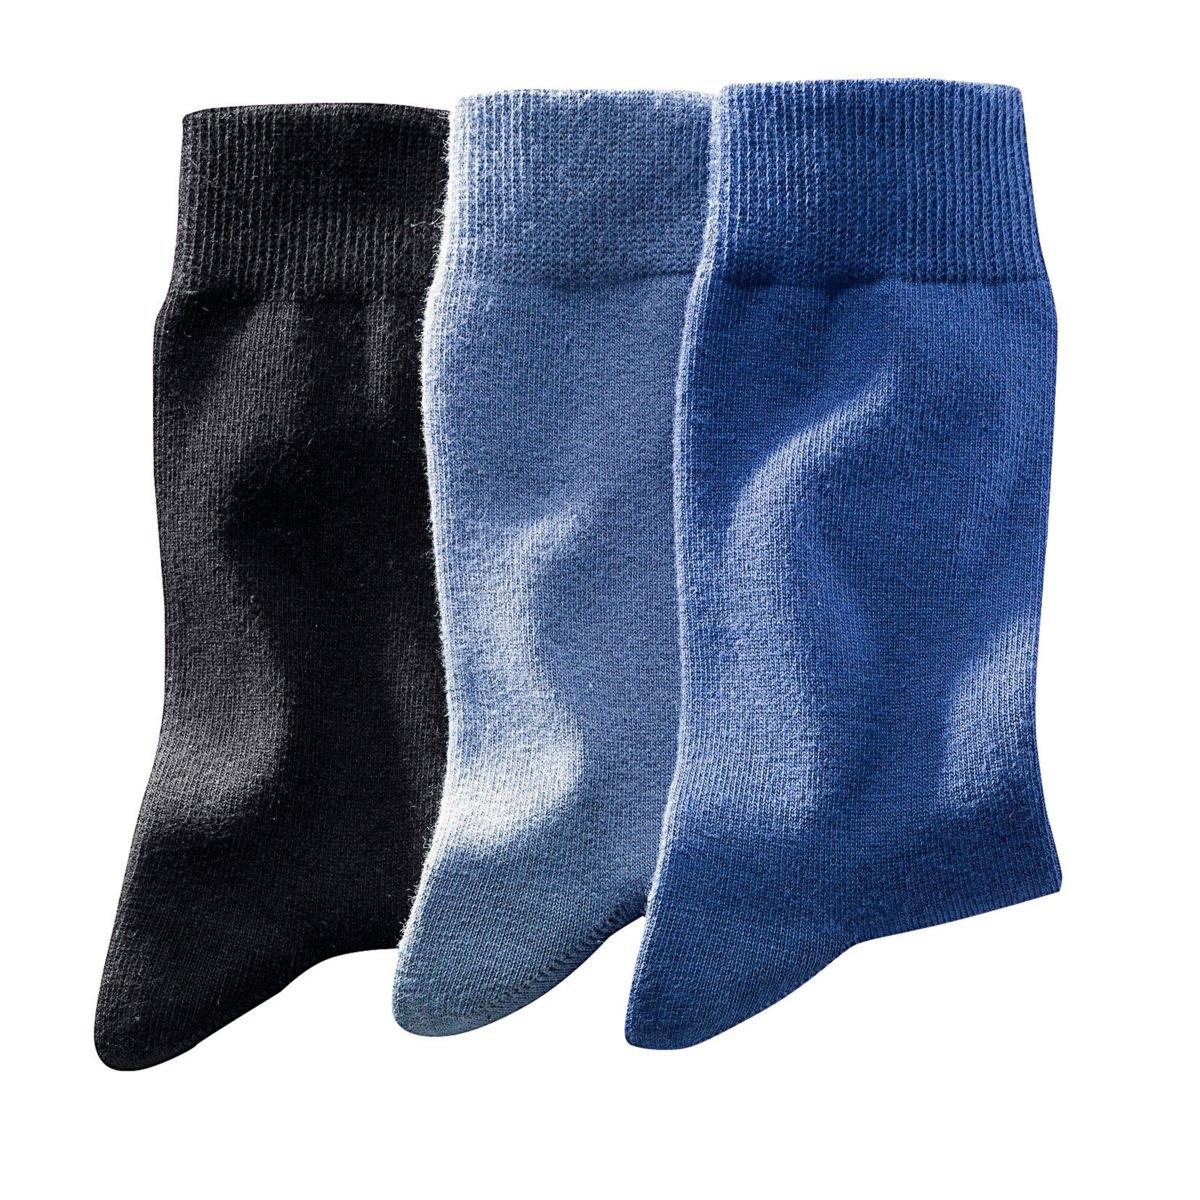 3 пары носков3 пары однотонных носков, 78% хлопка, 20% полиамида, 2% эластана.<br><br>Цвет: черный + каштан + бежевый,черный + серый,черный + синий + голубой,черный<br>Размер: 43/46.39/42.43/46.39/42.43/46.47/50.39/42